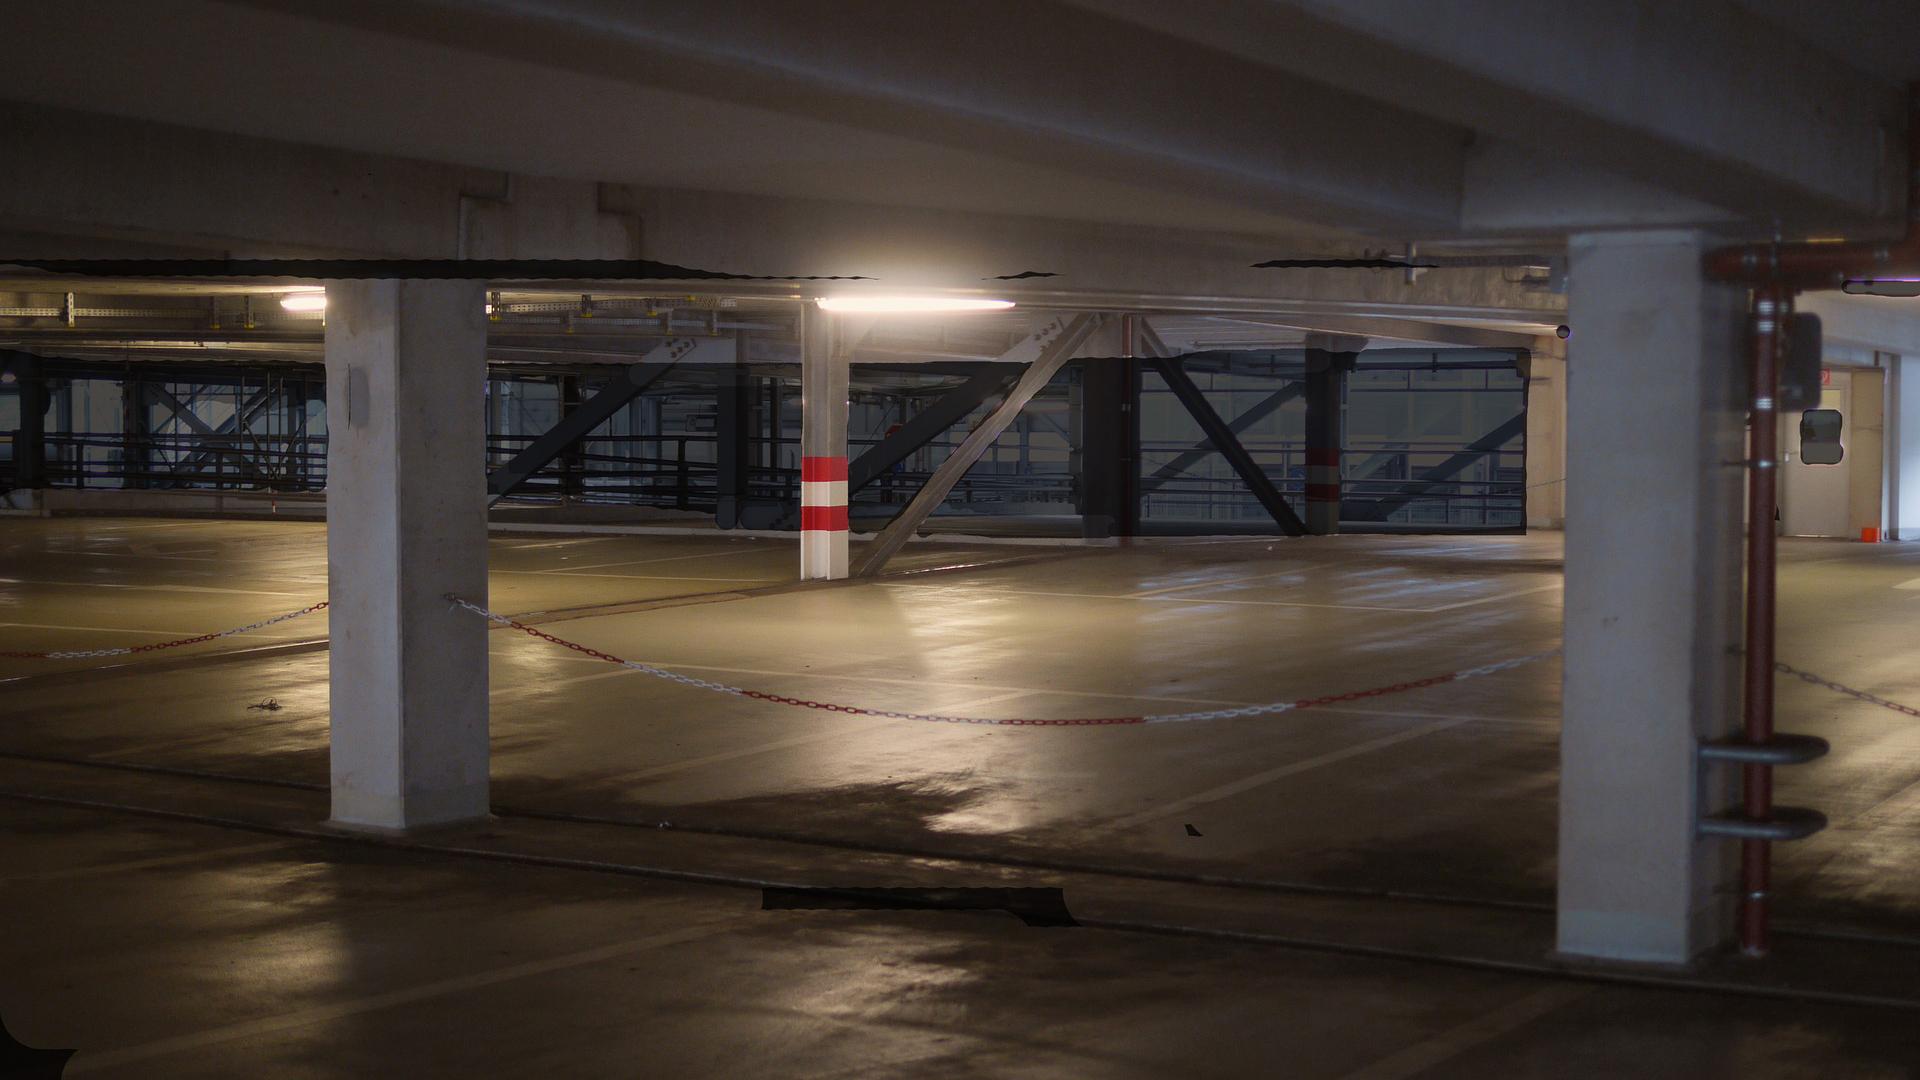 La Diputación de Cáceres saca a licitación un aparcamiento público de 302 plazas en la calle Velázquez de Plasencia